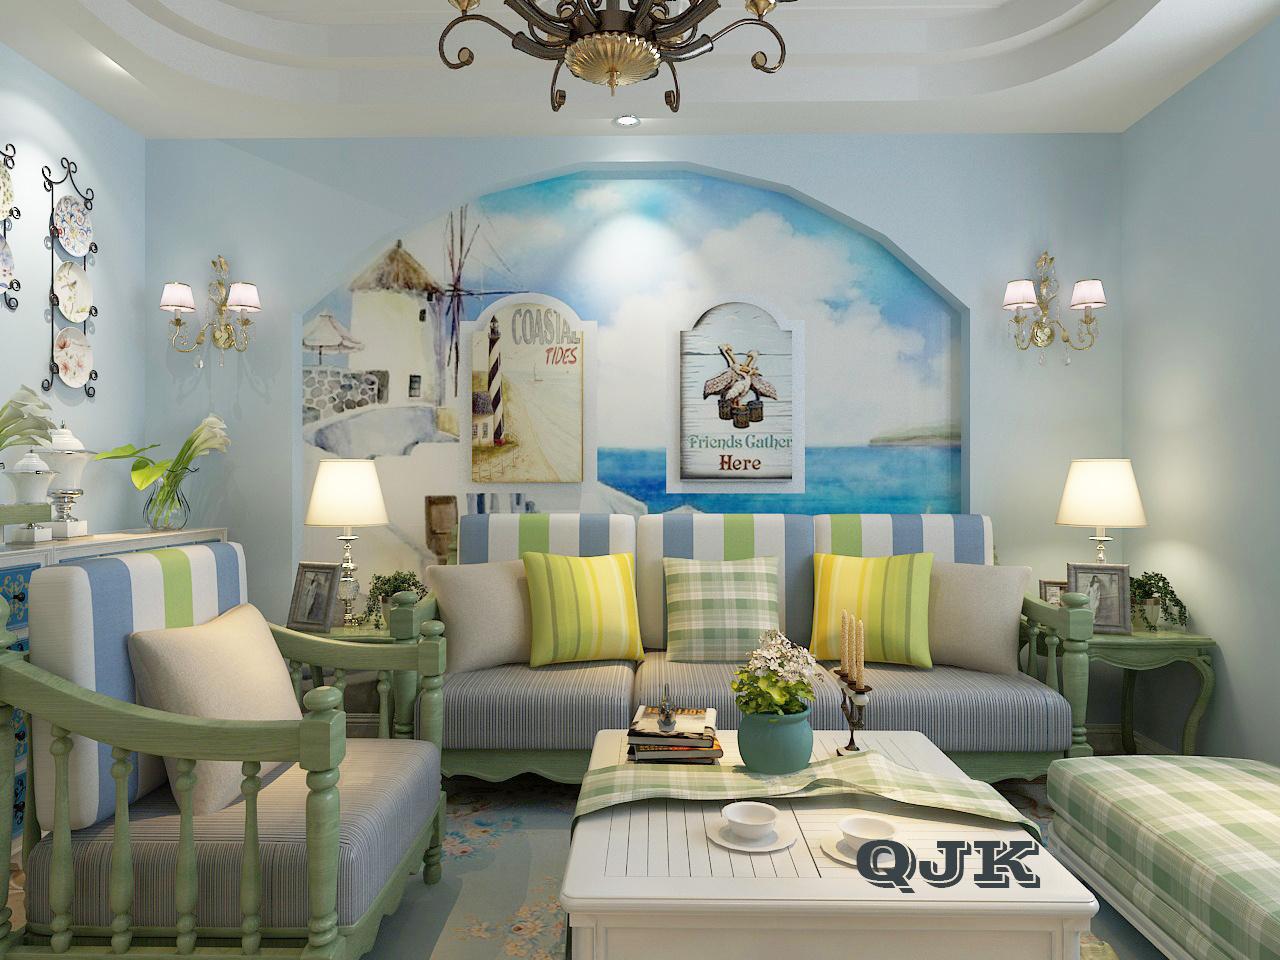 室内空间设计|空间|室内设计|流畅疏朗 - 原创作品图片